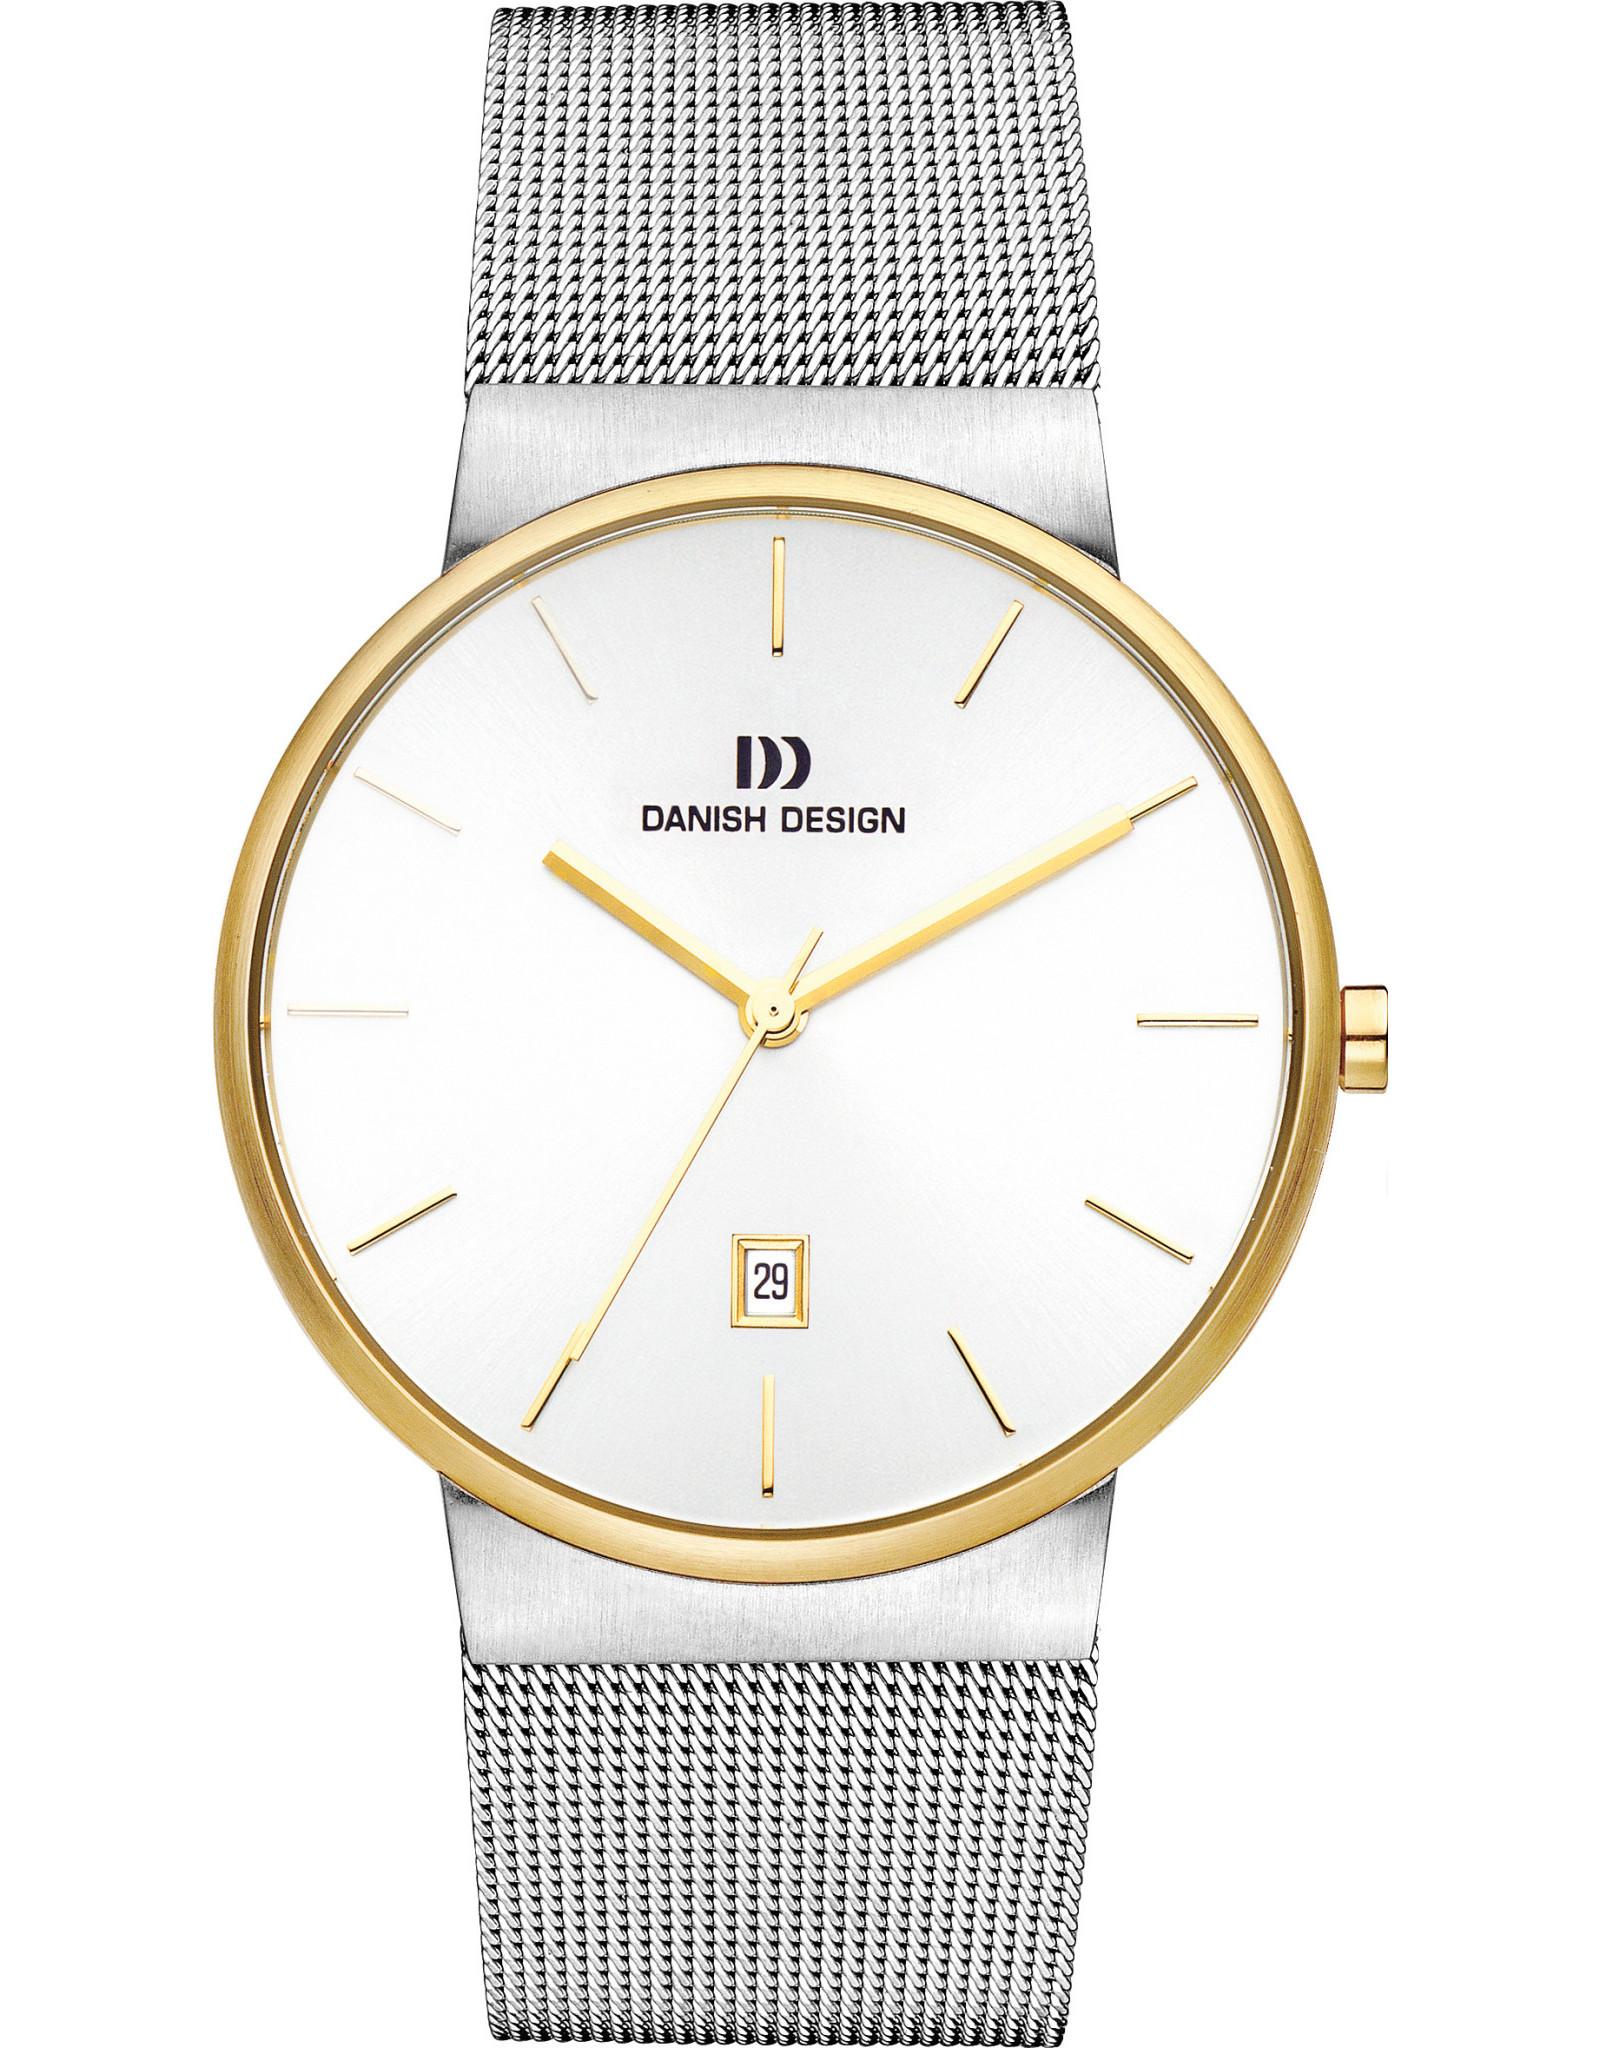 Danish Design Danish Design IQ65Q971